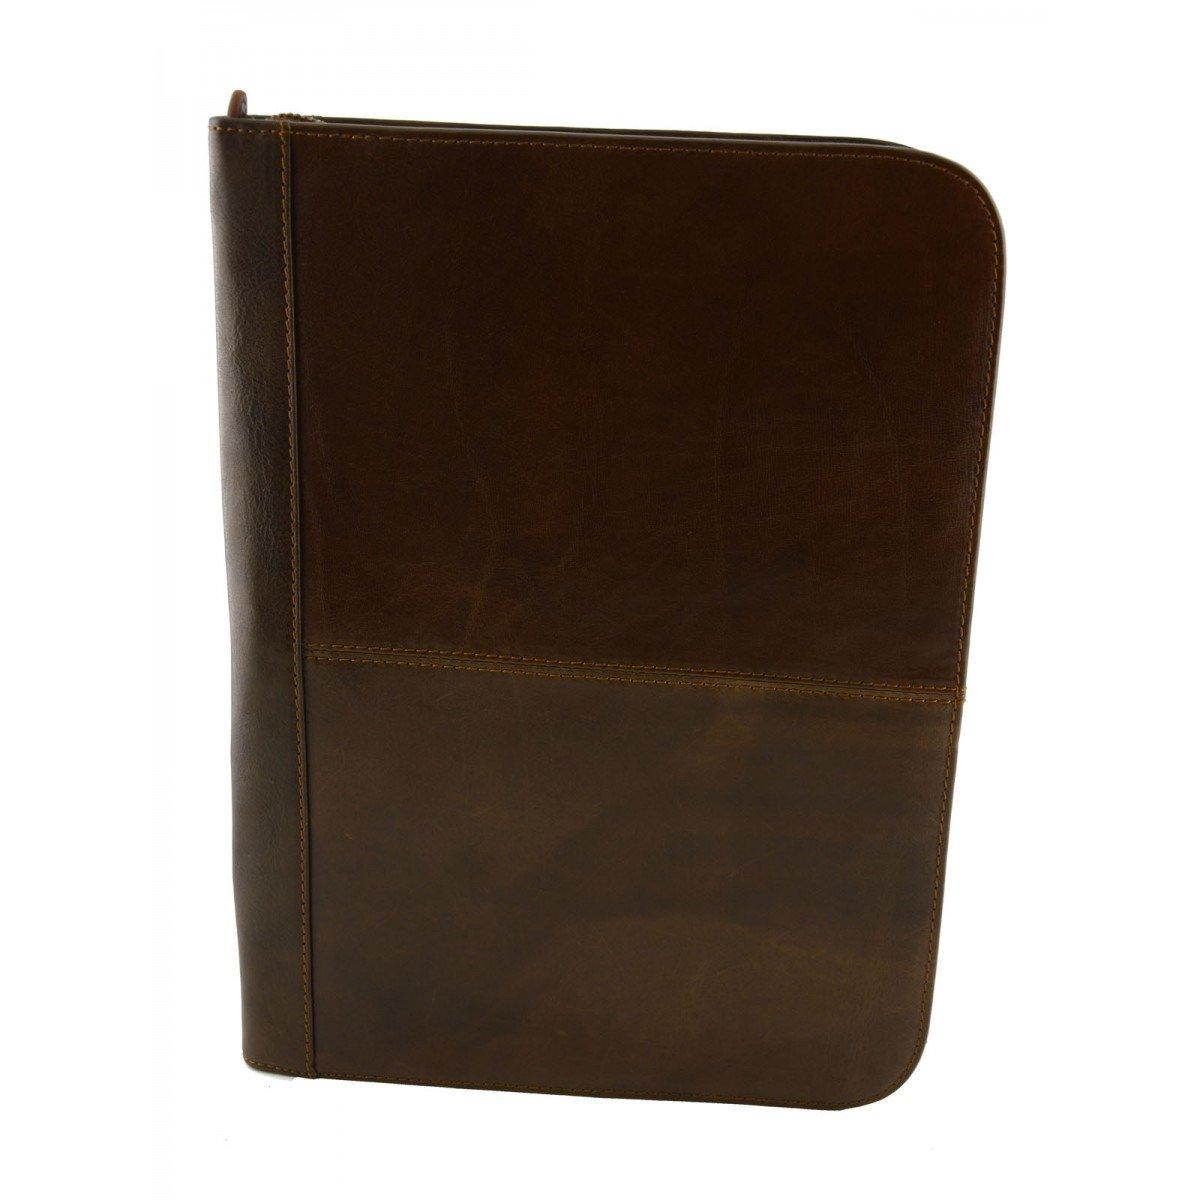 Porta Documenti A4 In Pelle Vera Con Scomparti Interni Colore Marrone - Pelletteria Toscana Made In Italy - Business